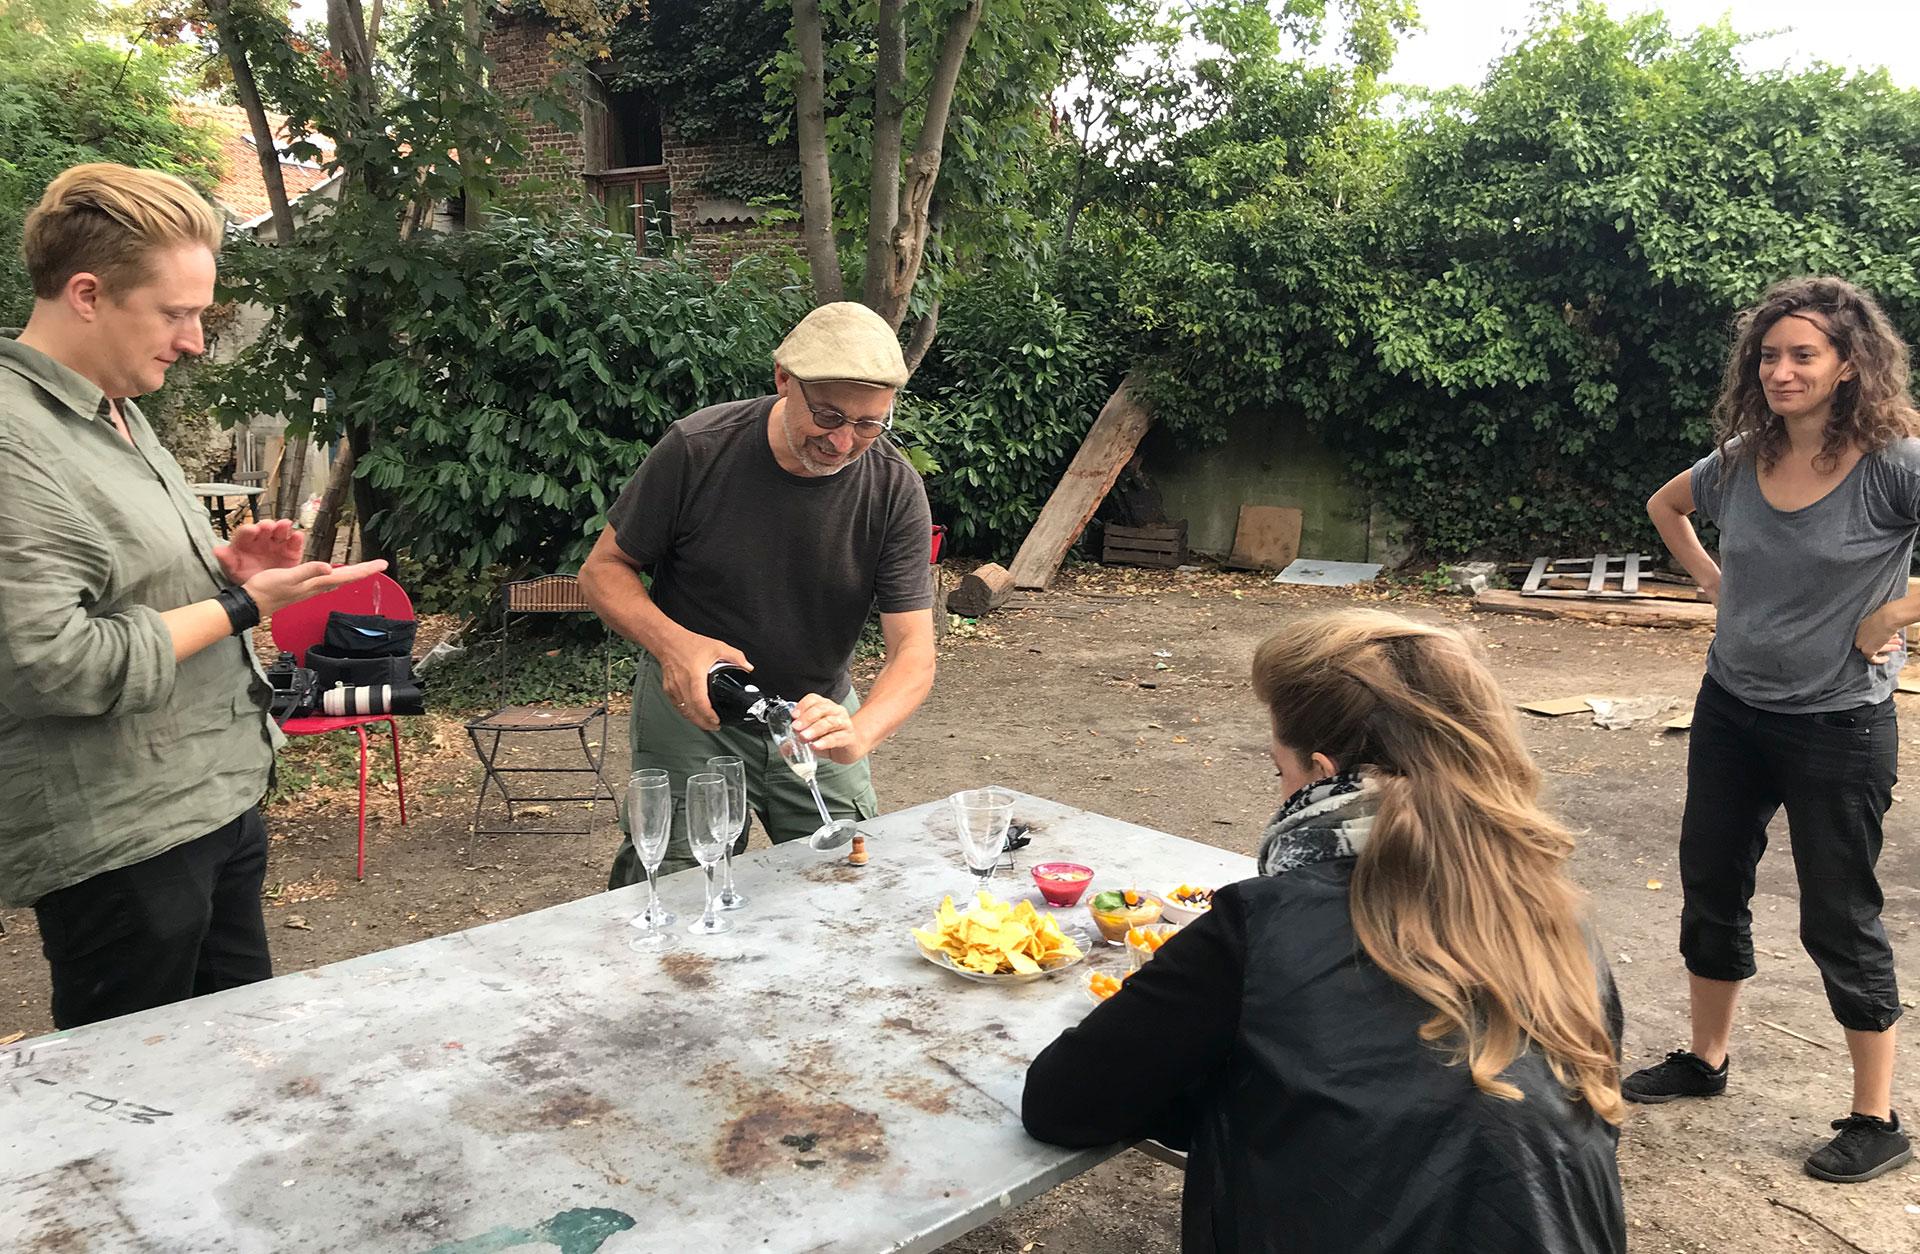 Utomhus i trädgården. Mats häller upp champagne i fem glas. Linus, Julia och Barbara är också där.